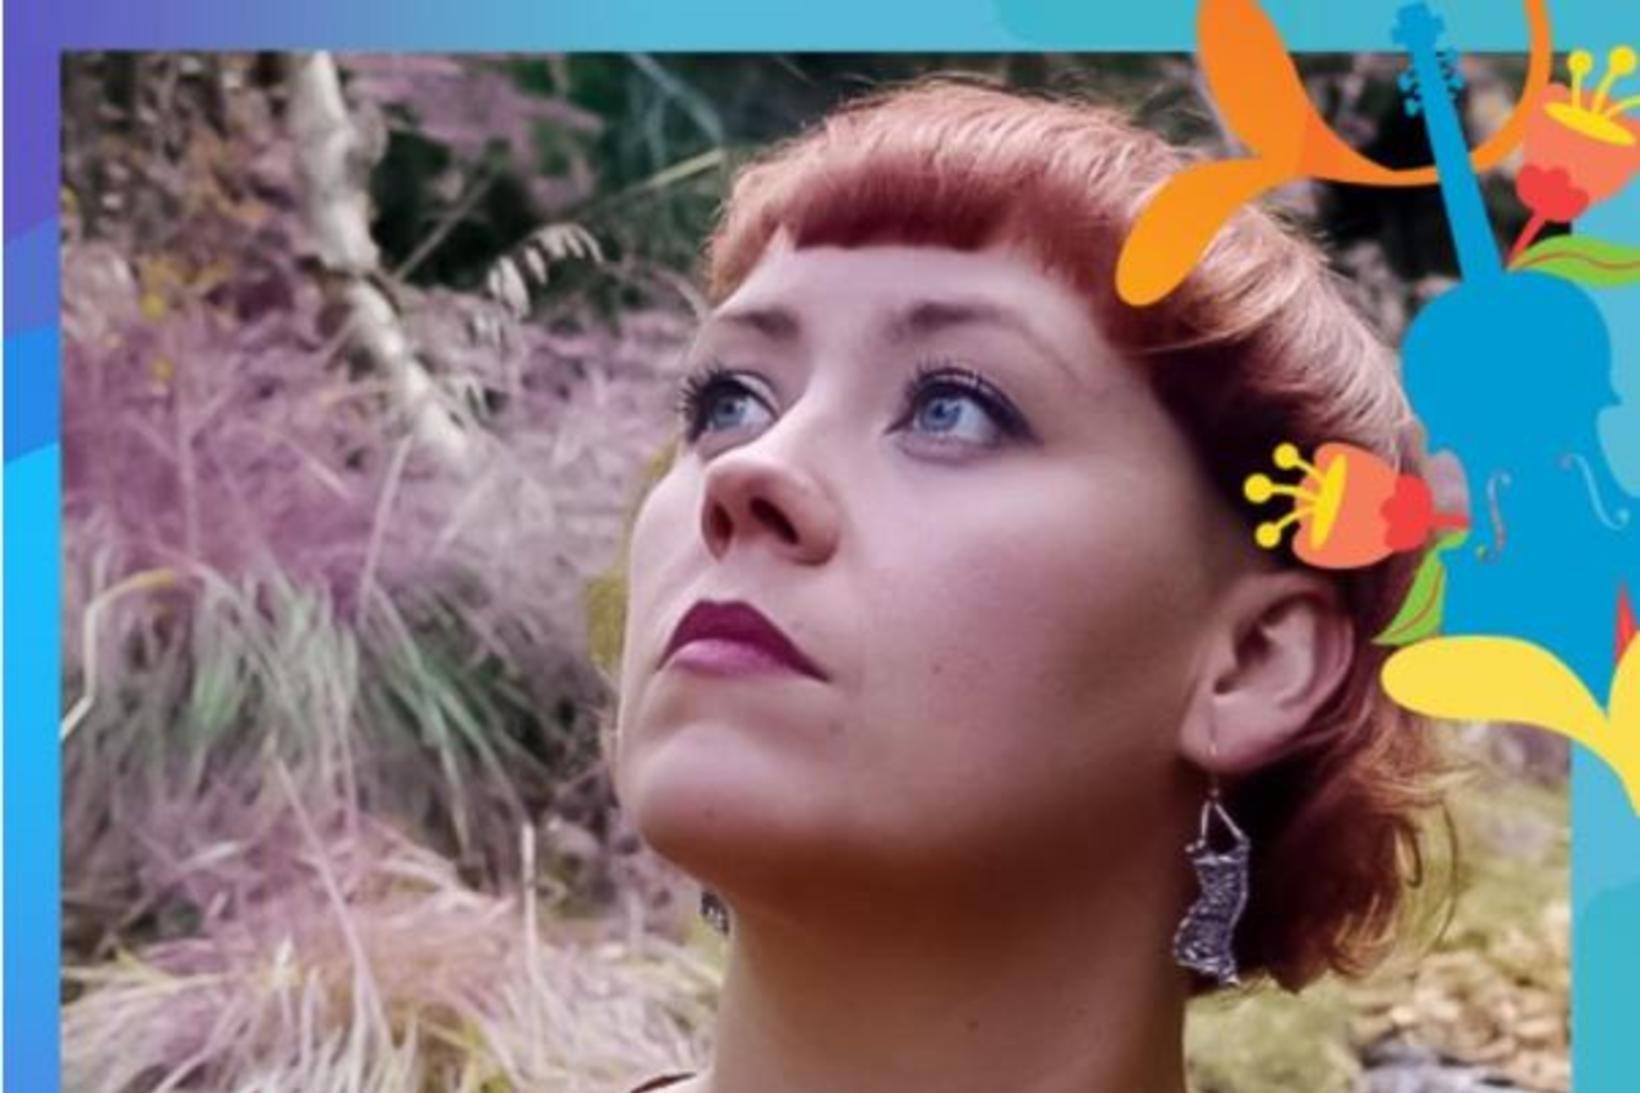 Ösp Eldjárn verður fulltrúi Íslands áGlobal Music Match.